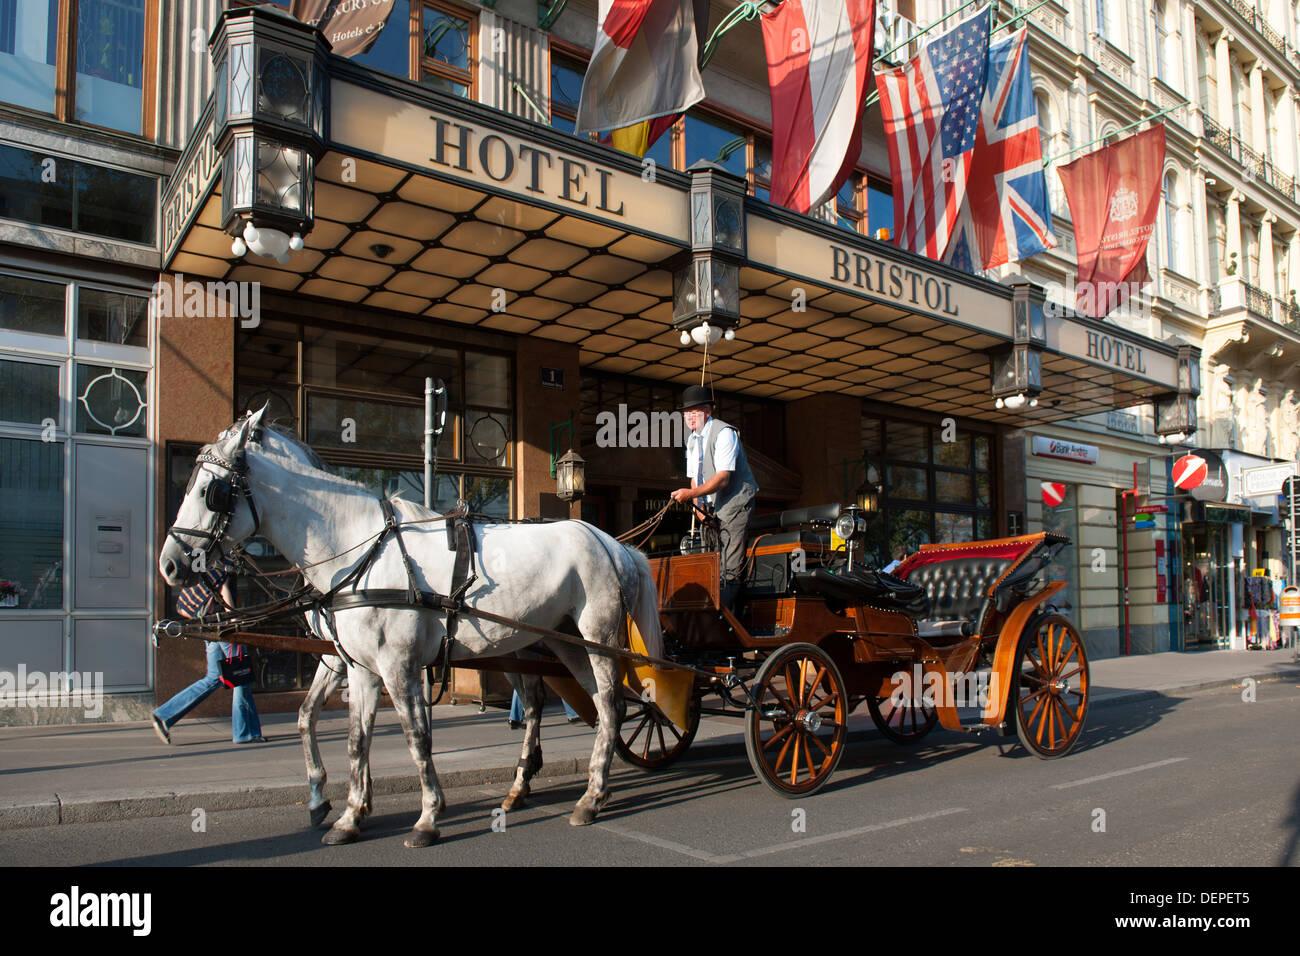 Österreich, Wien 1, Hotel Bristol - Stock Image